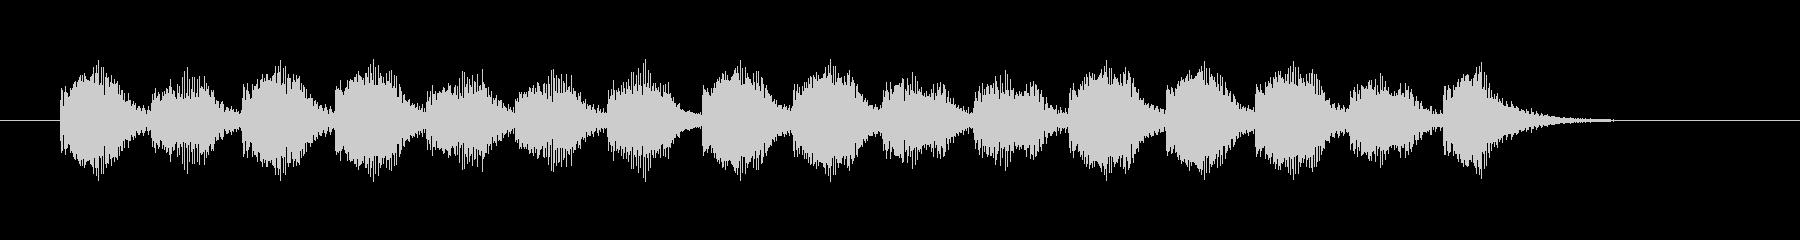 ブーブーブーというアラート音の未再生の波形